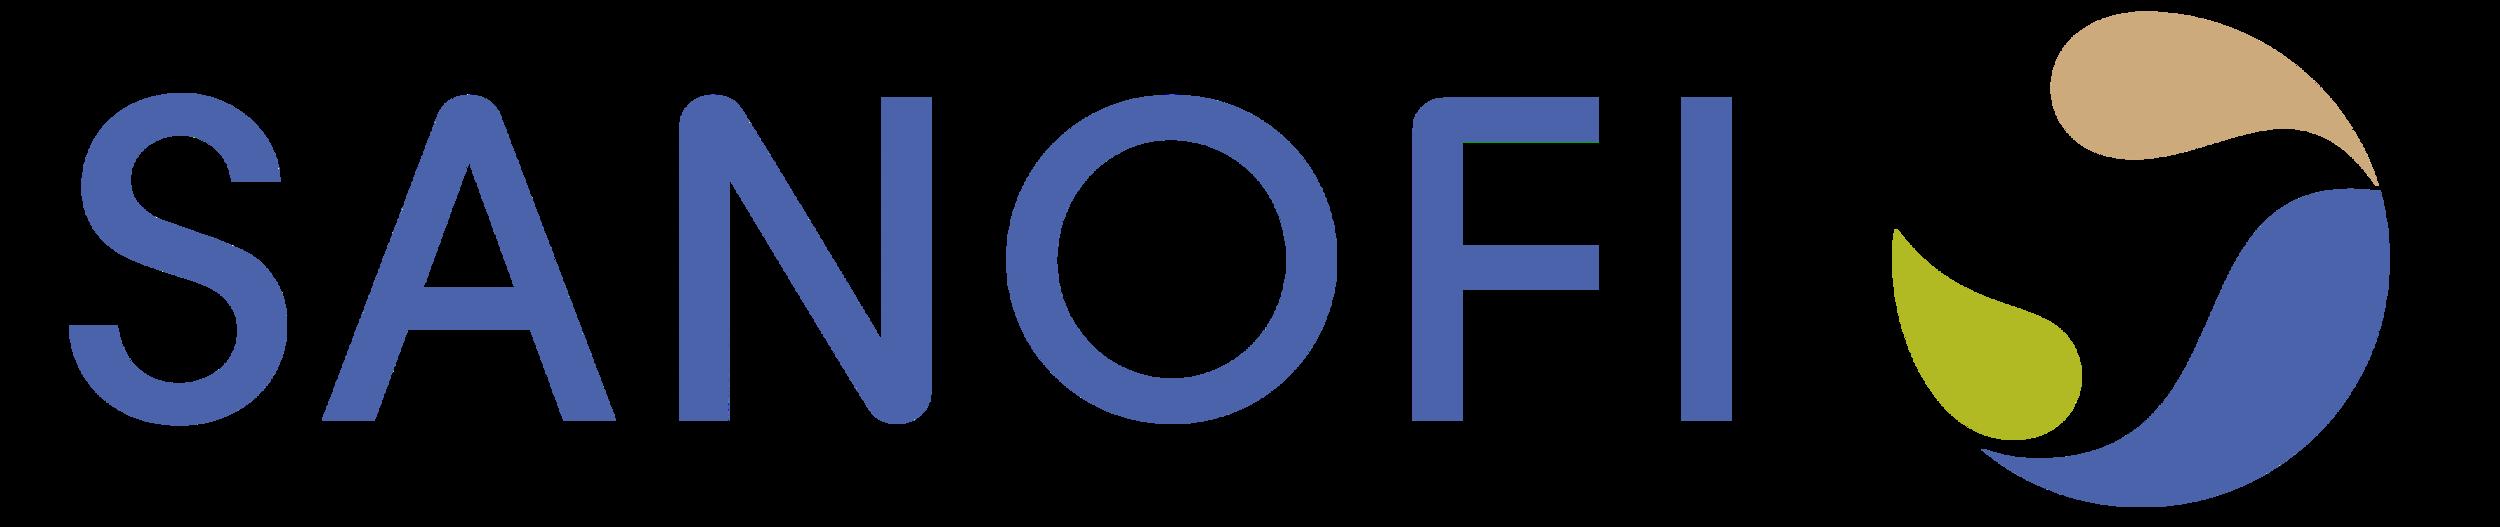 Image - Sanofi logo